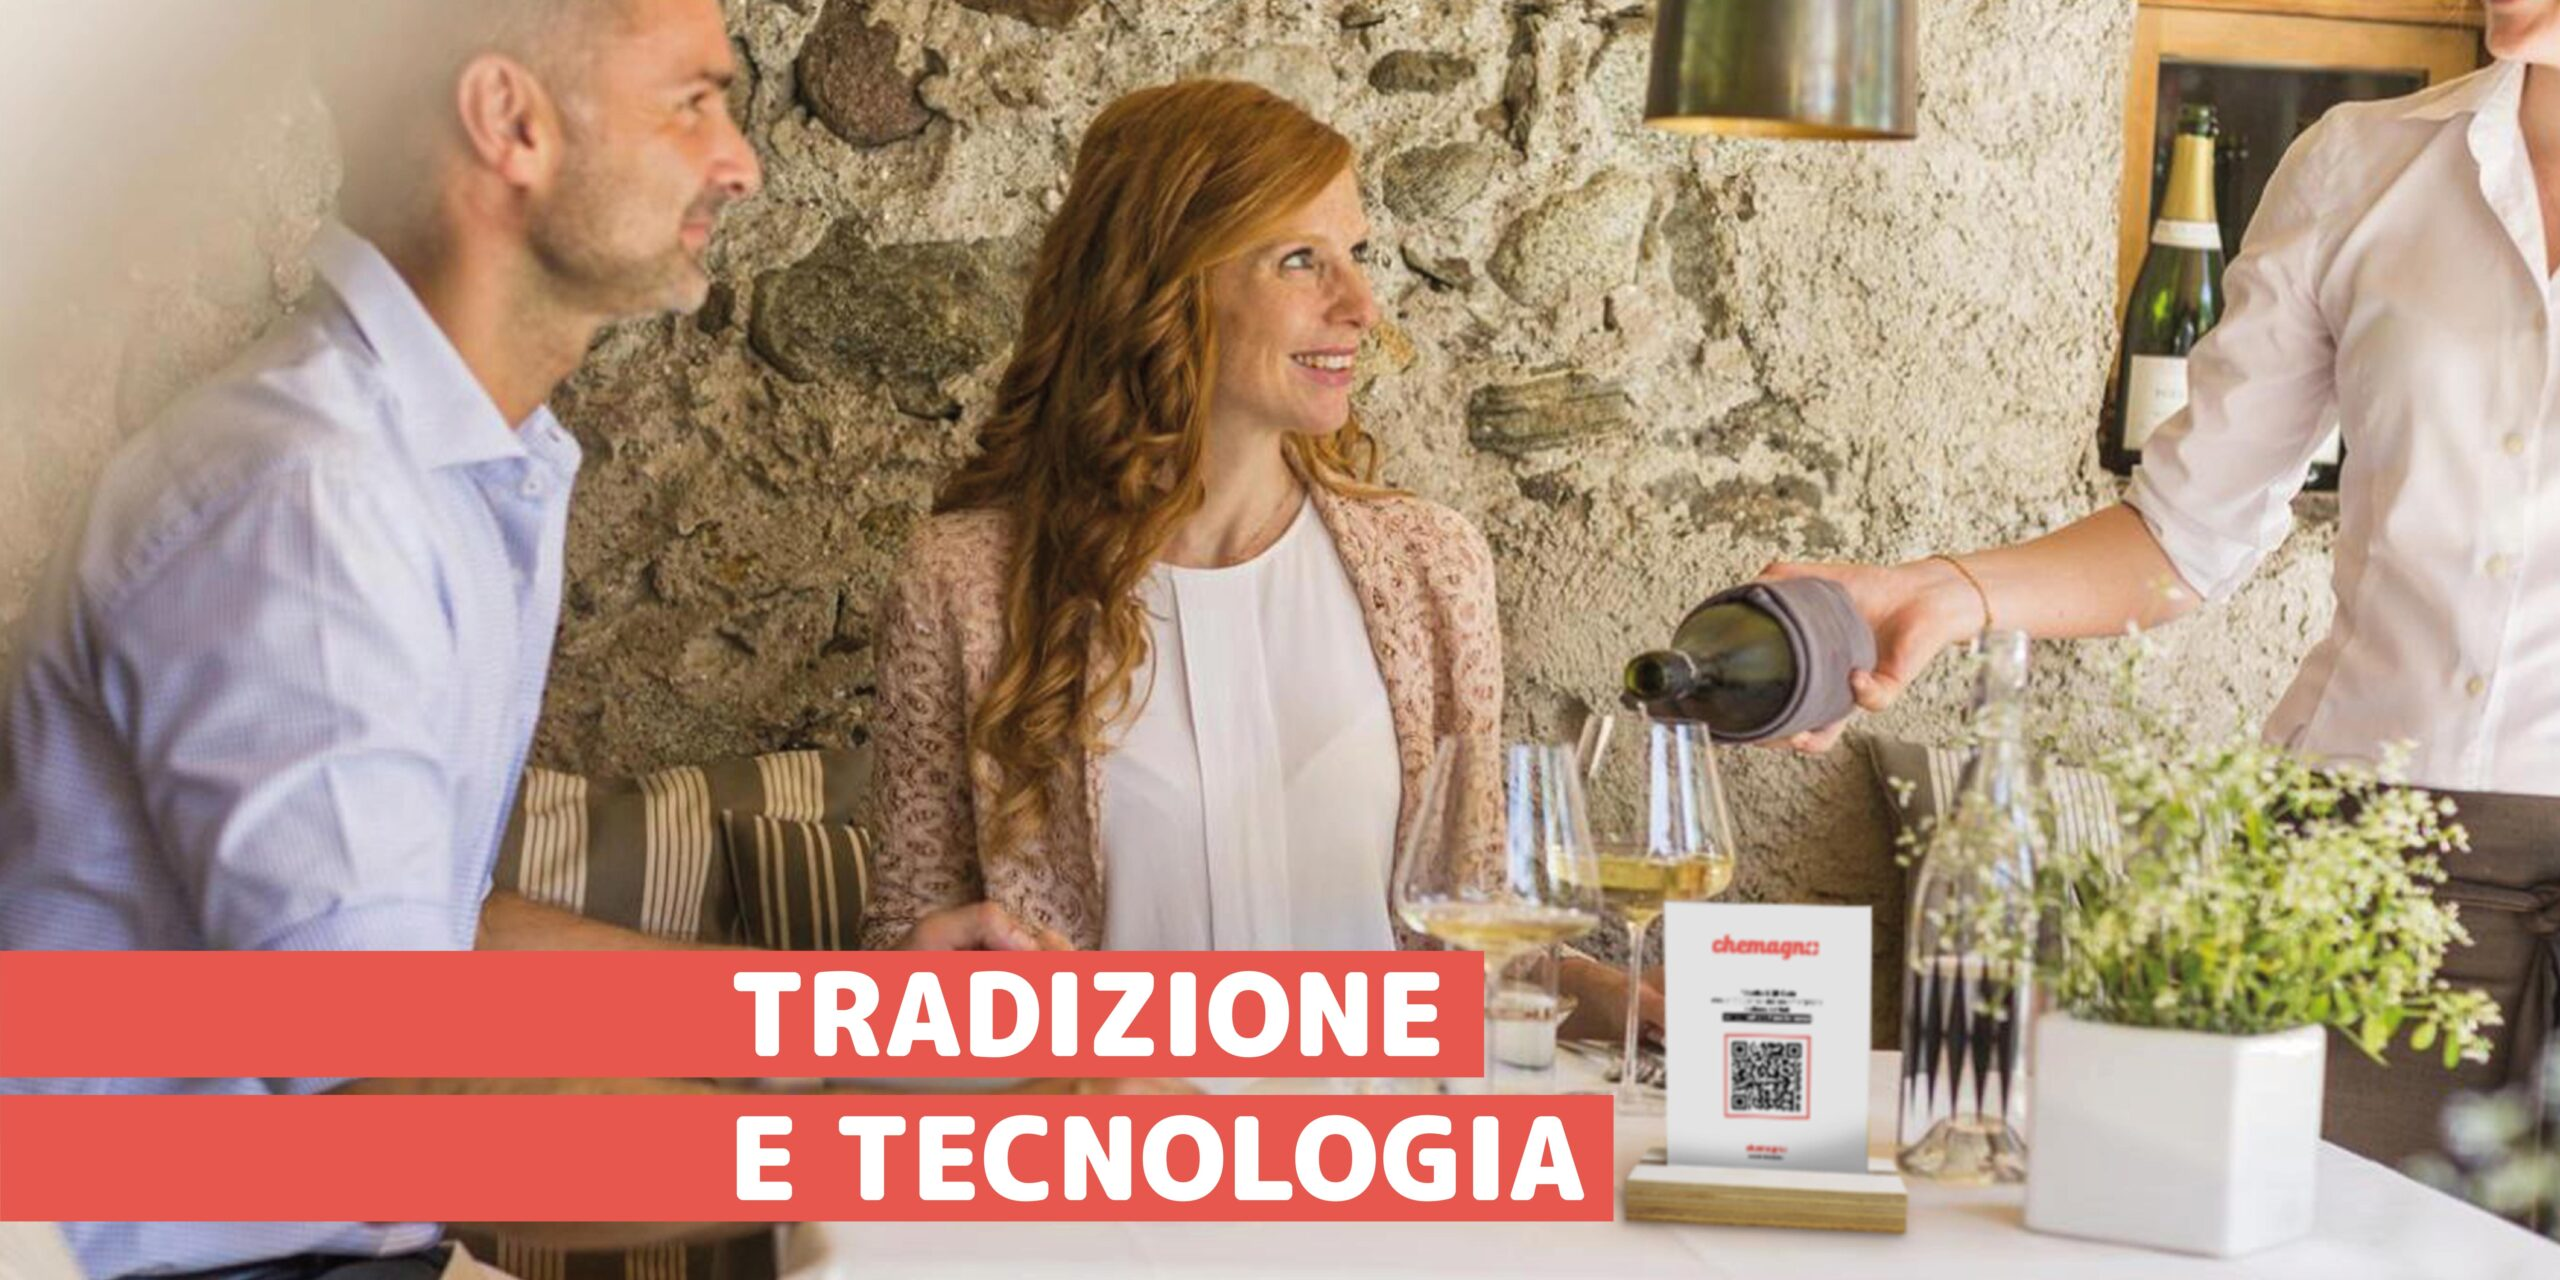 tradizione-tecnologia-menu-digitale-cucina-